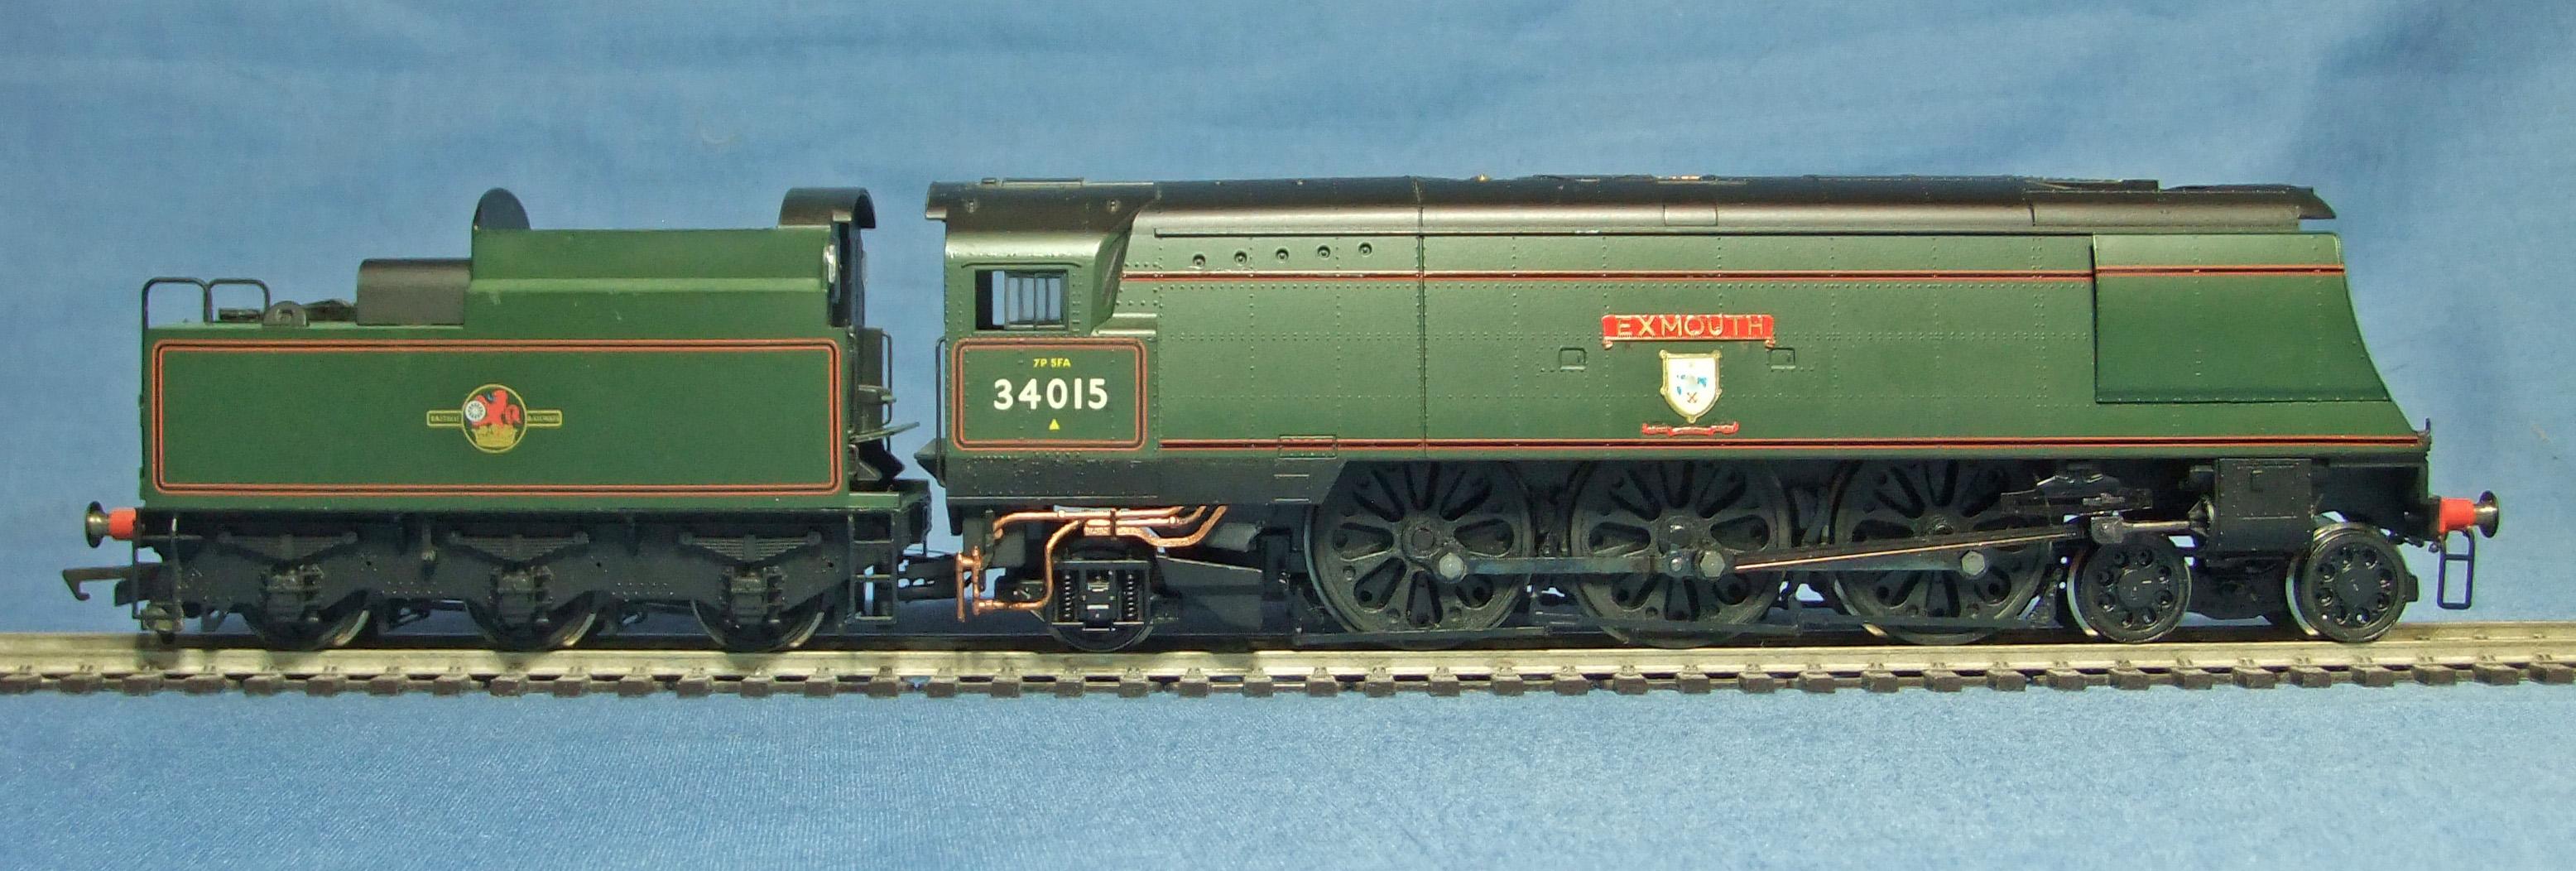 34015-RH-s40